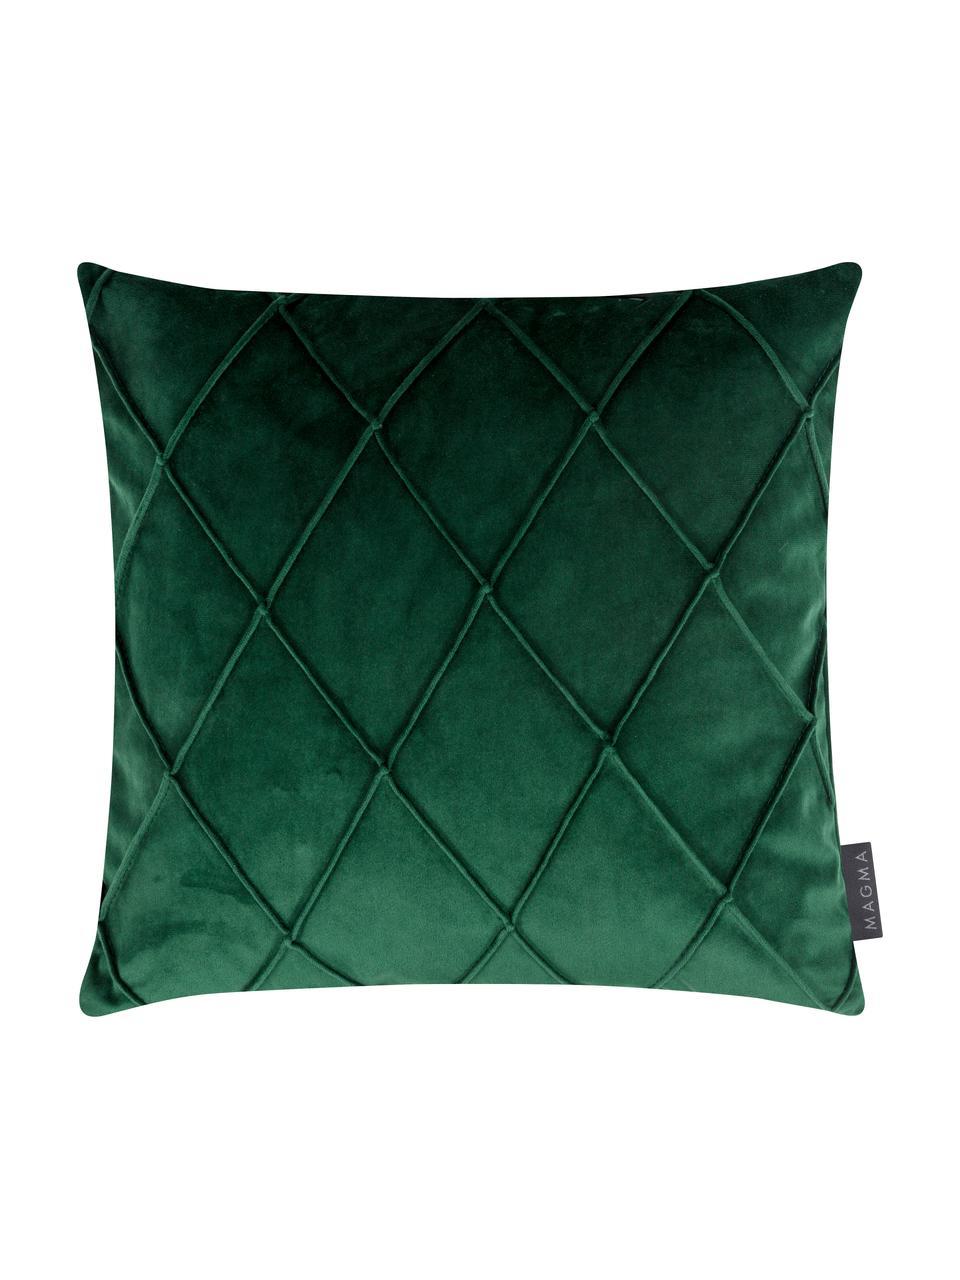 Poszewka na poduszkę z aksamitu Nobless, 100% aksamit poliestrowy, Zielony, S 50 x D 50 cm